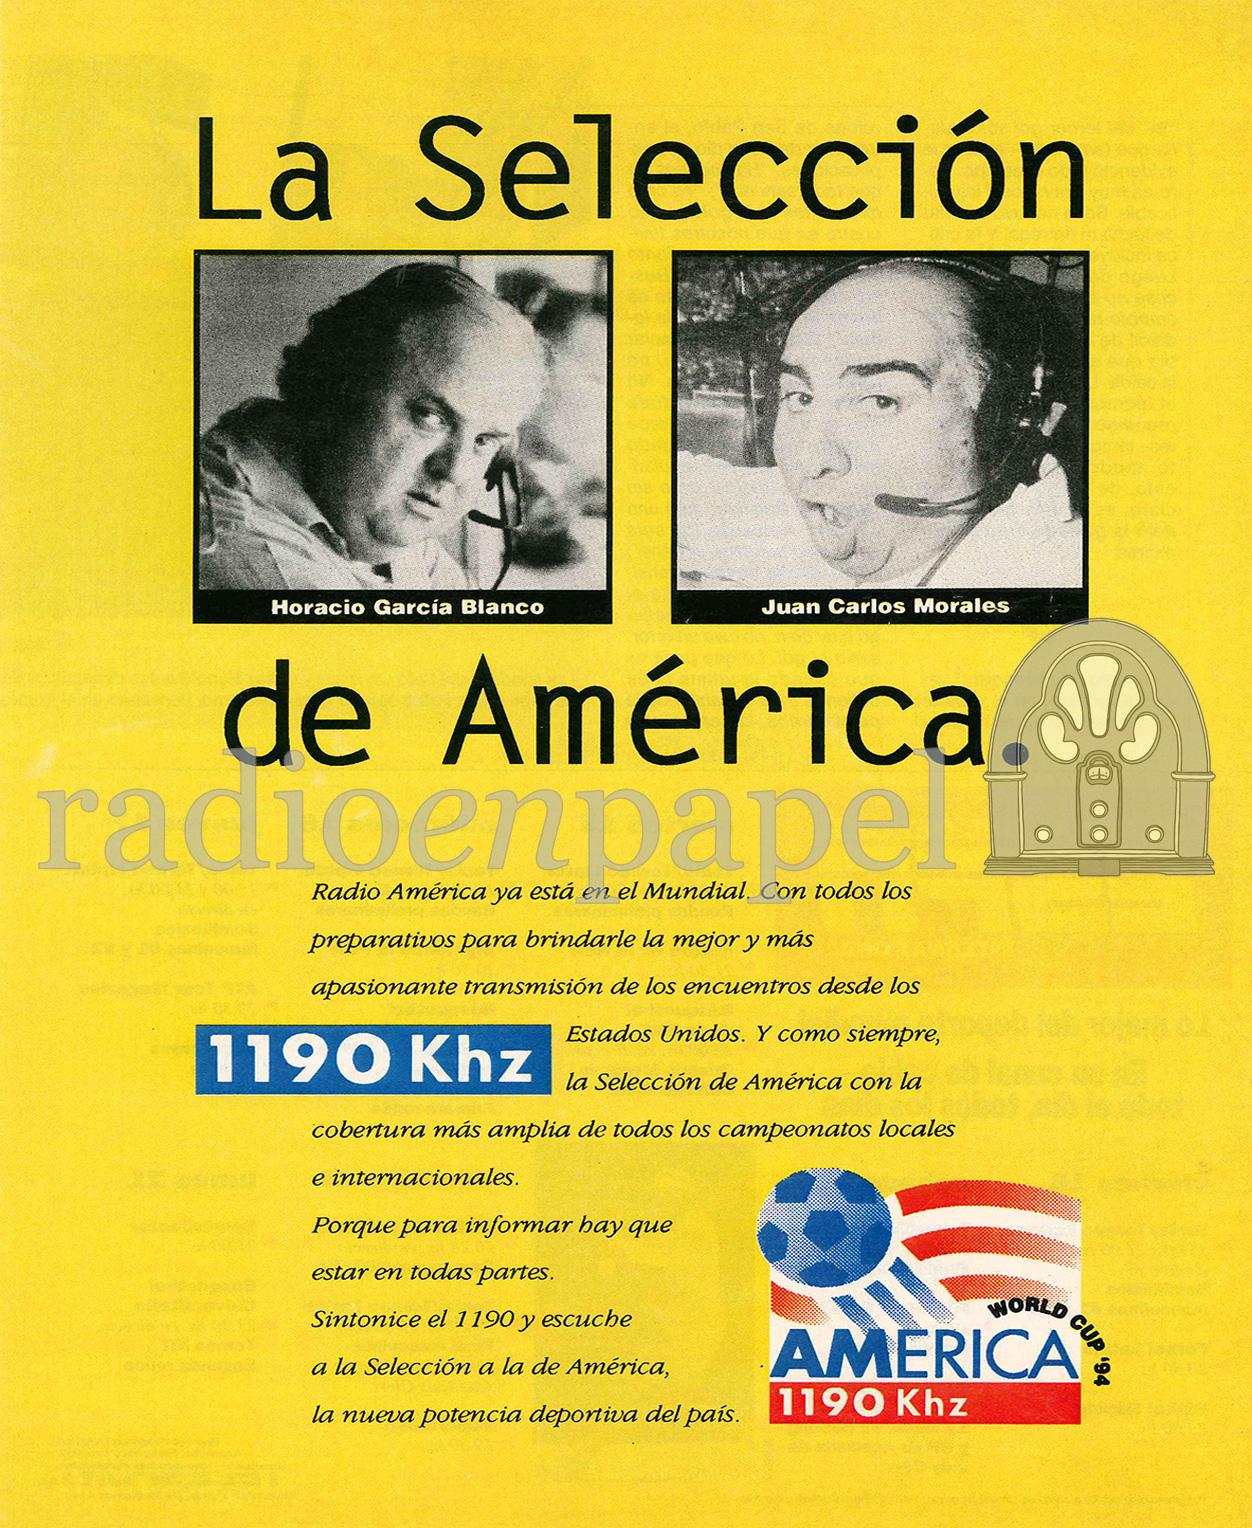 AM 1190 | América - La Selección de América 1994 | Radio en Papel. Archivo  Gráfico de Radio